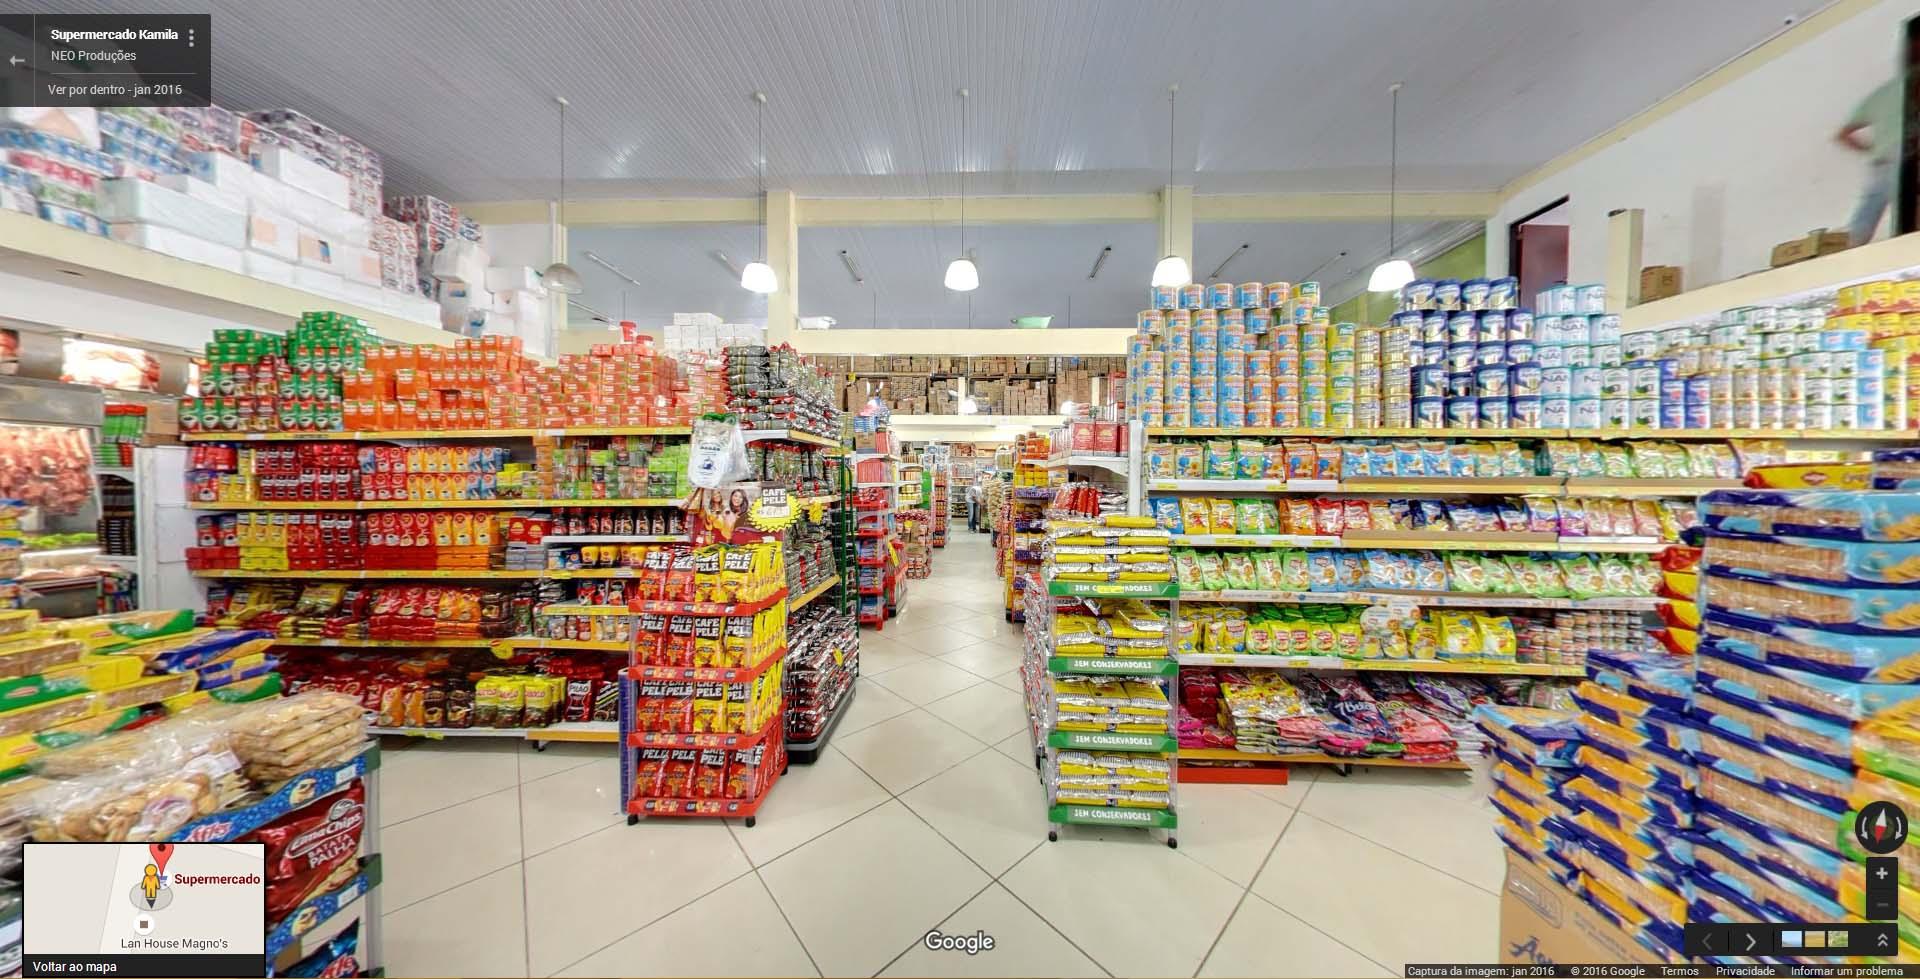 Supermercado Kamila